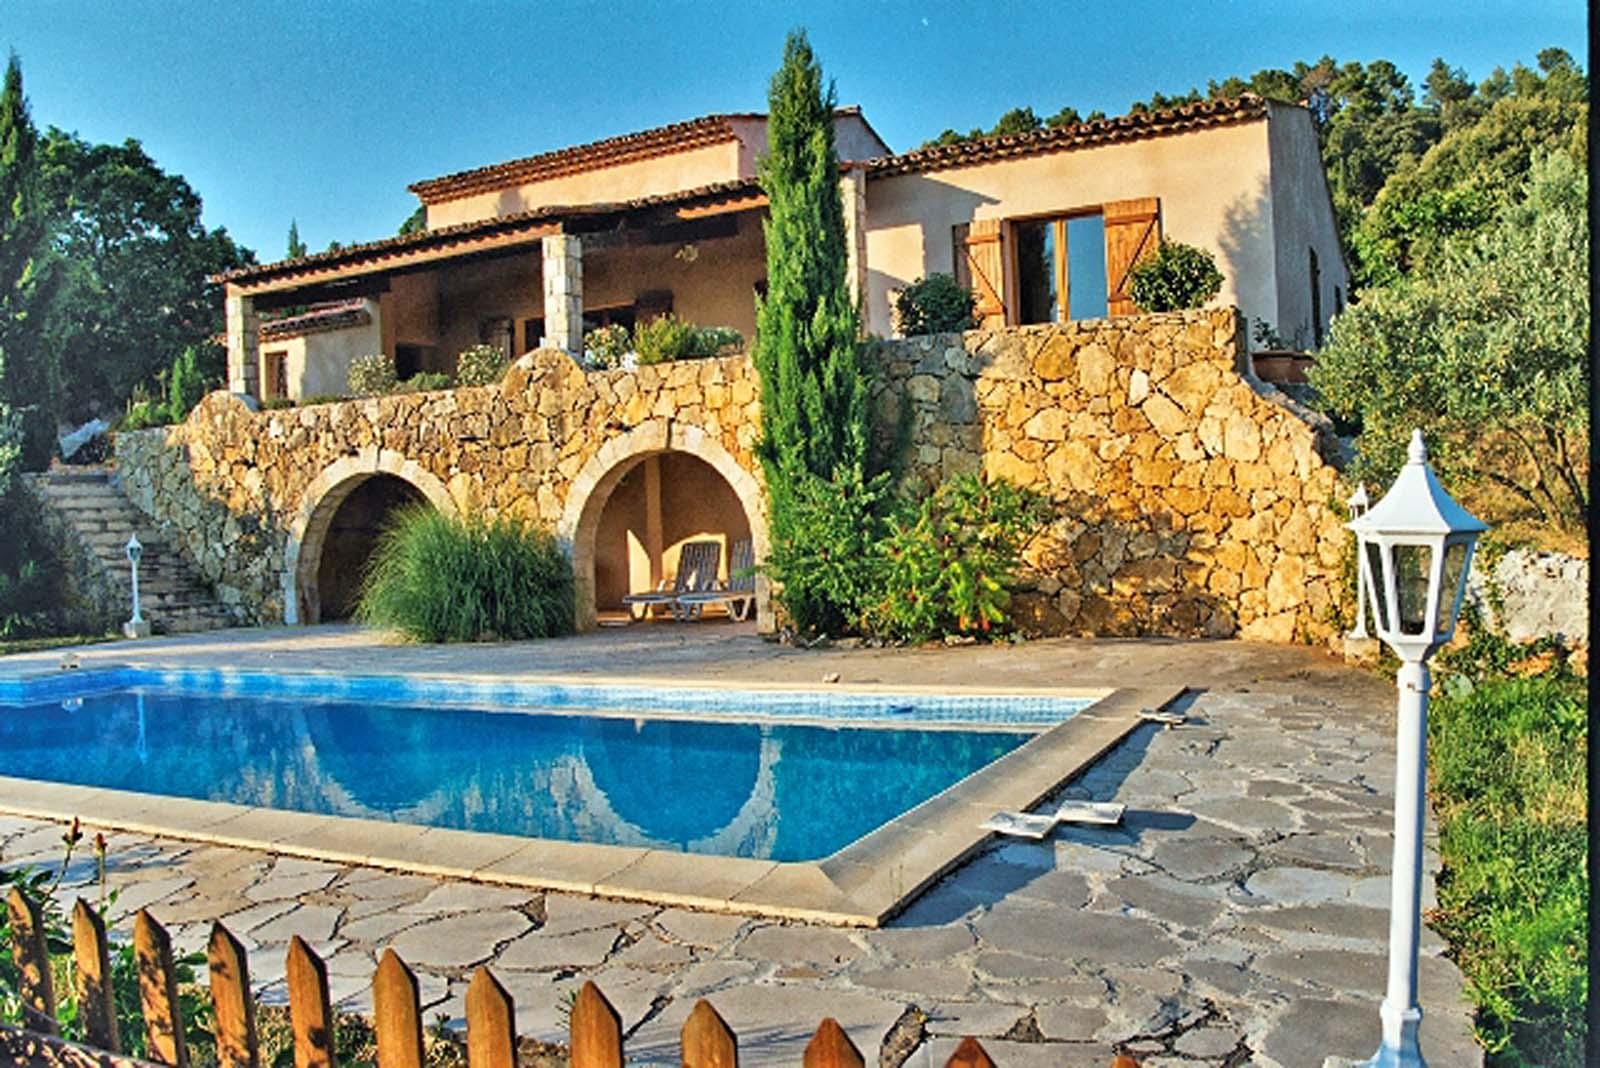 Vakantiehuis in Aups met zwembad, in Provence-Cote d'Azur.